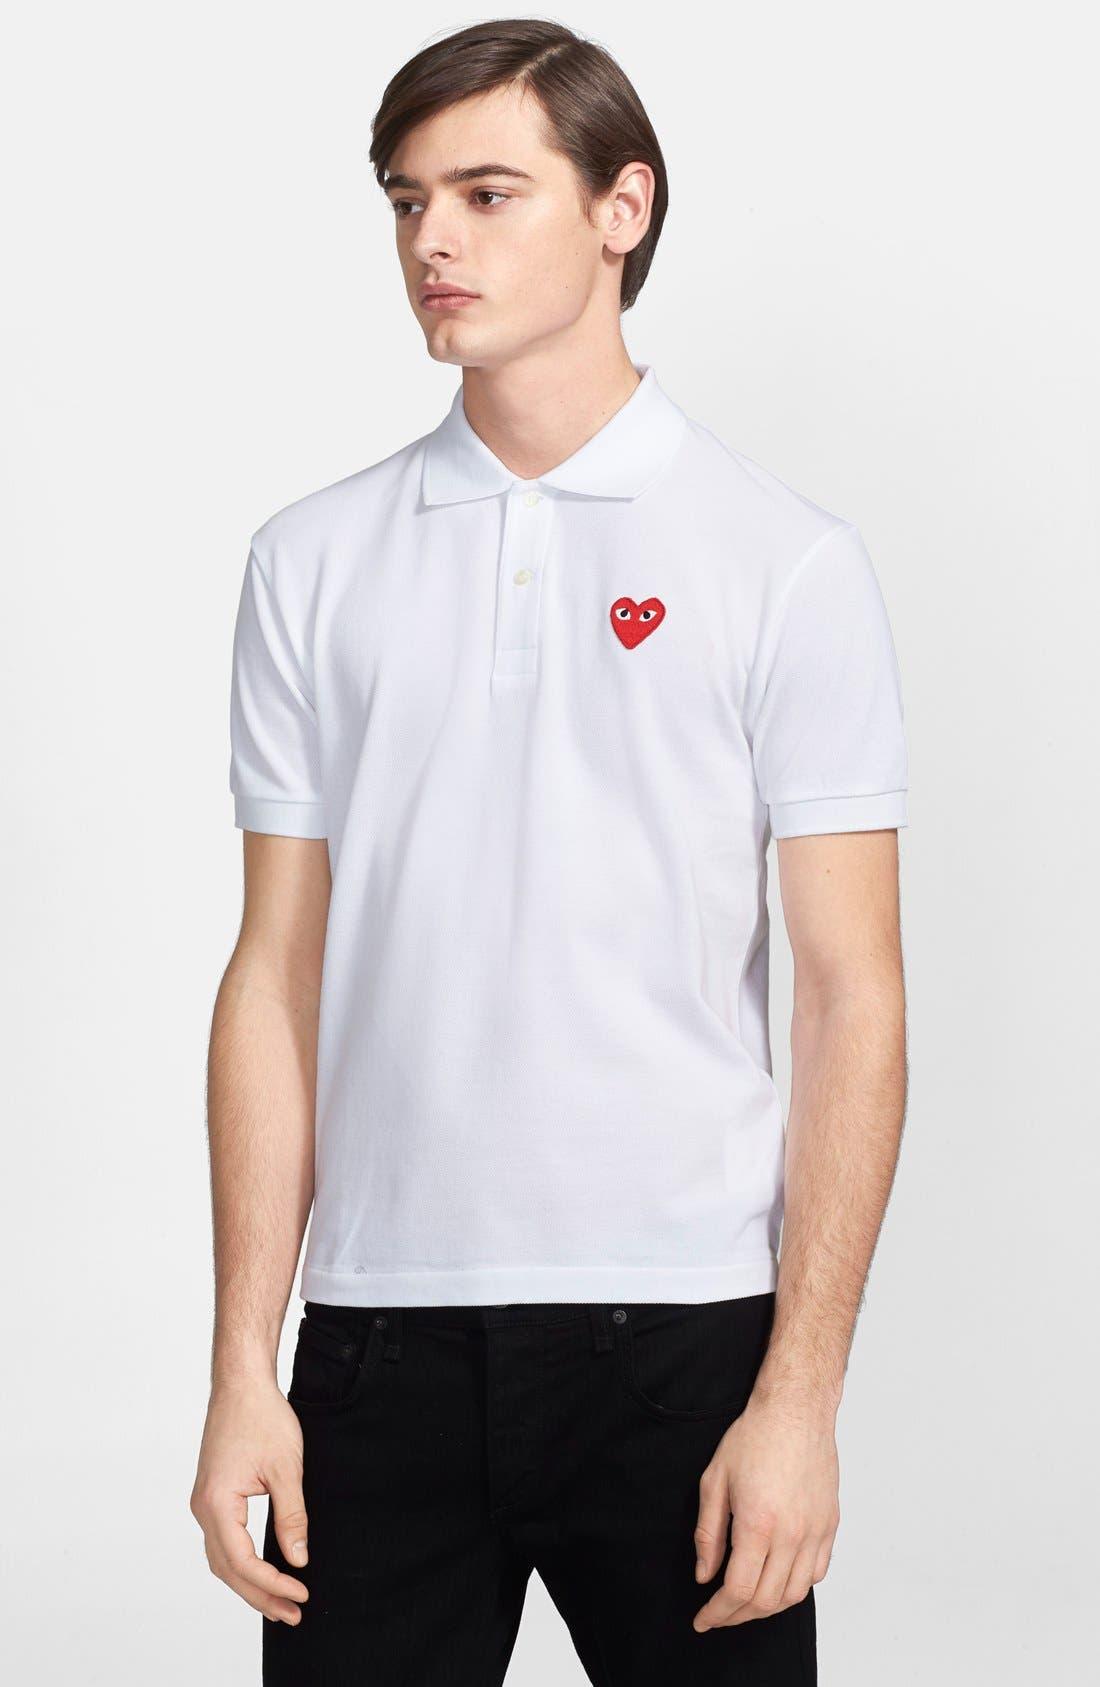 Comme des Garçons PLAY Piqué Polo with Heart Appliqué